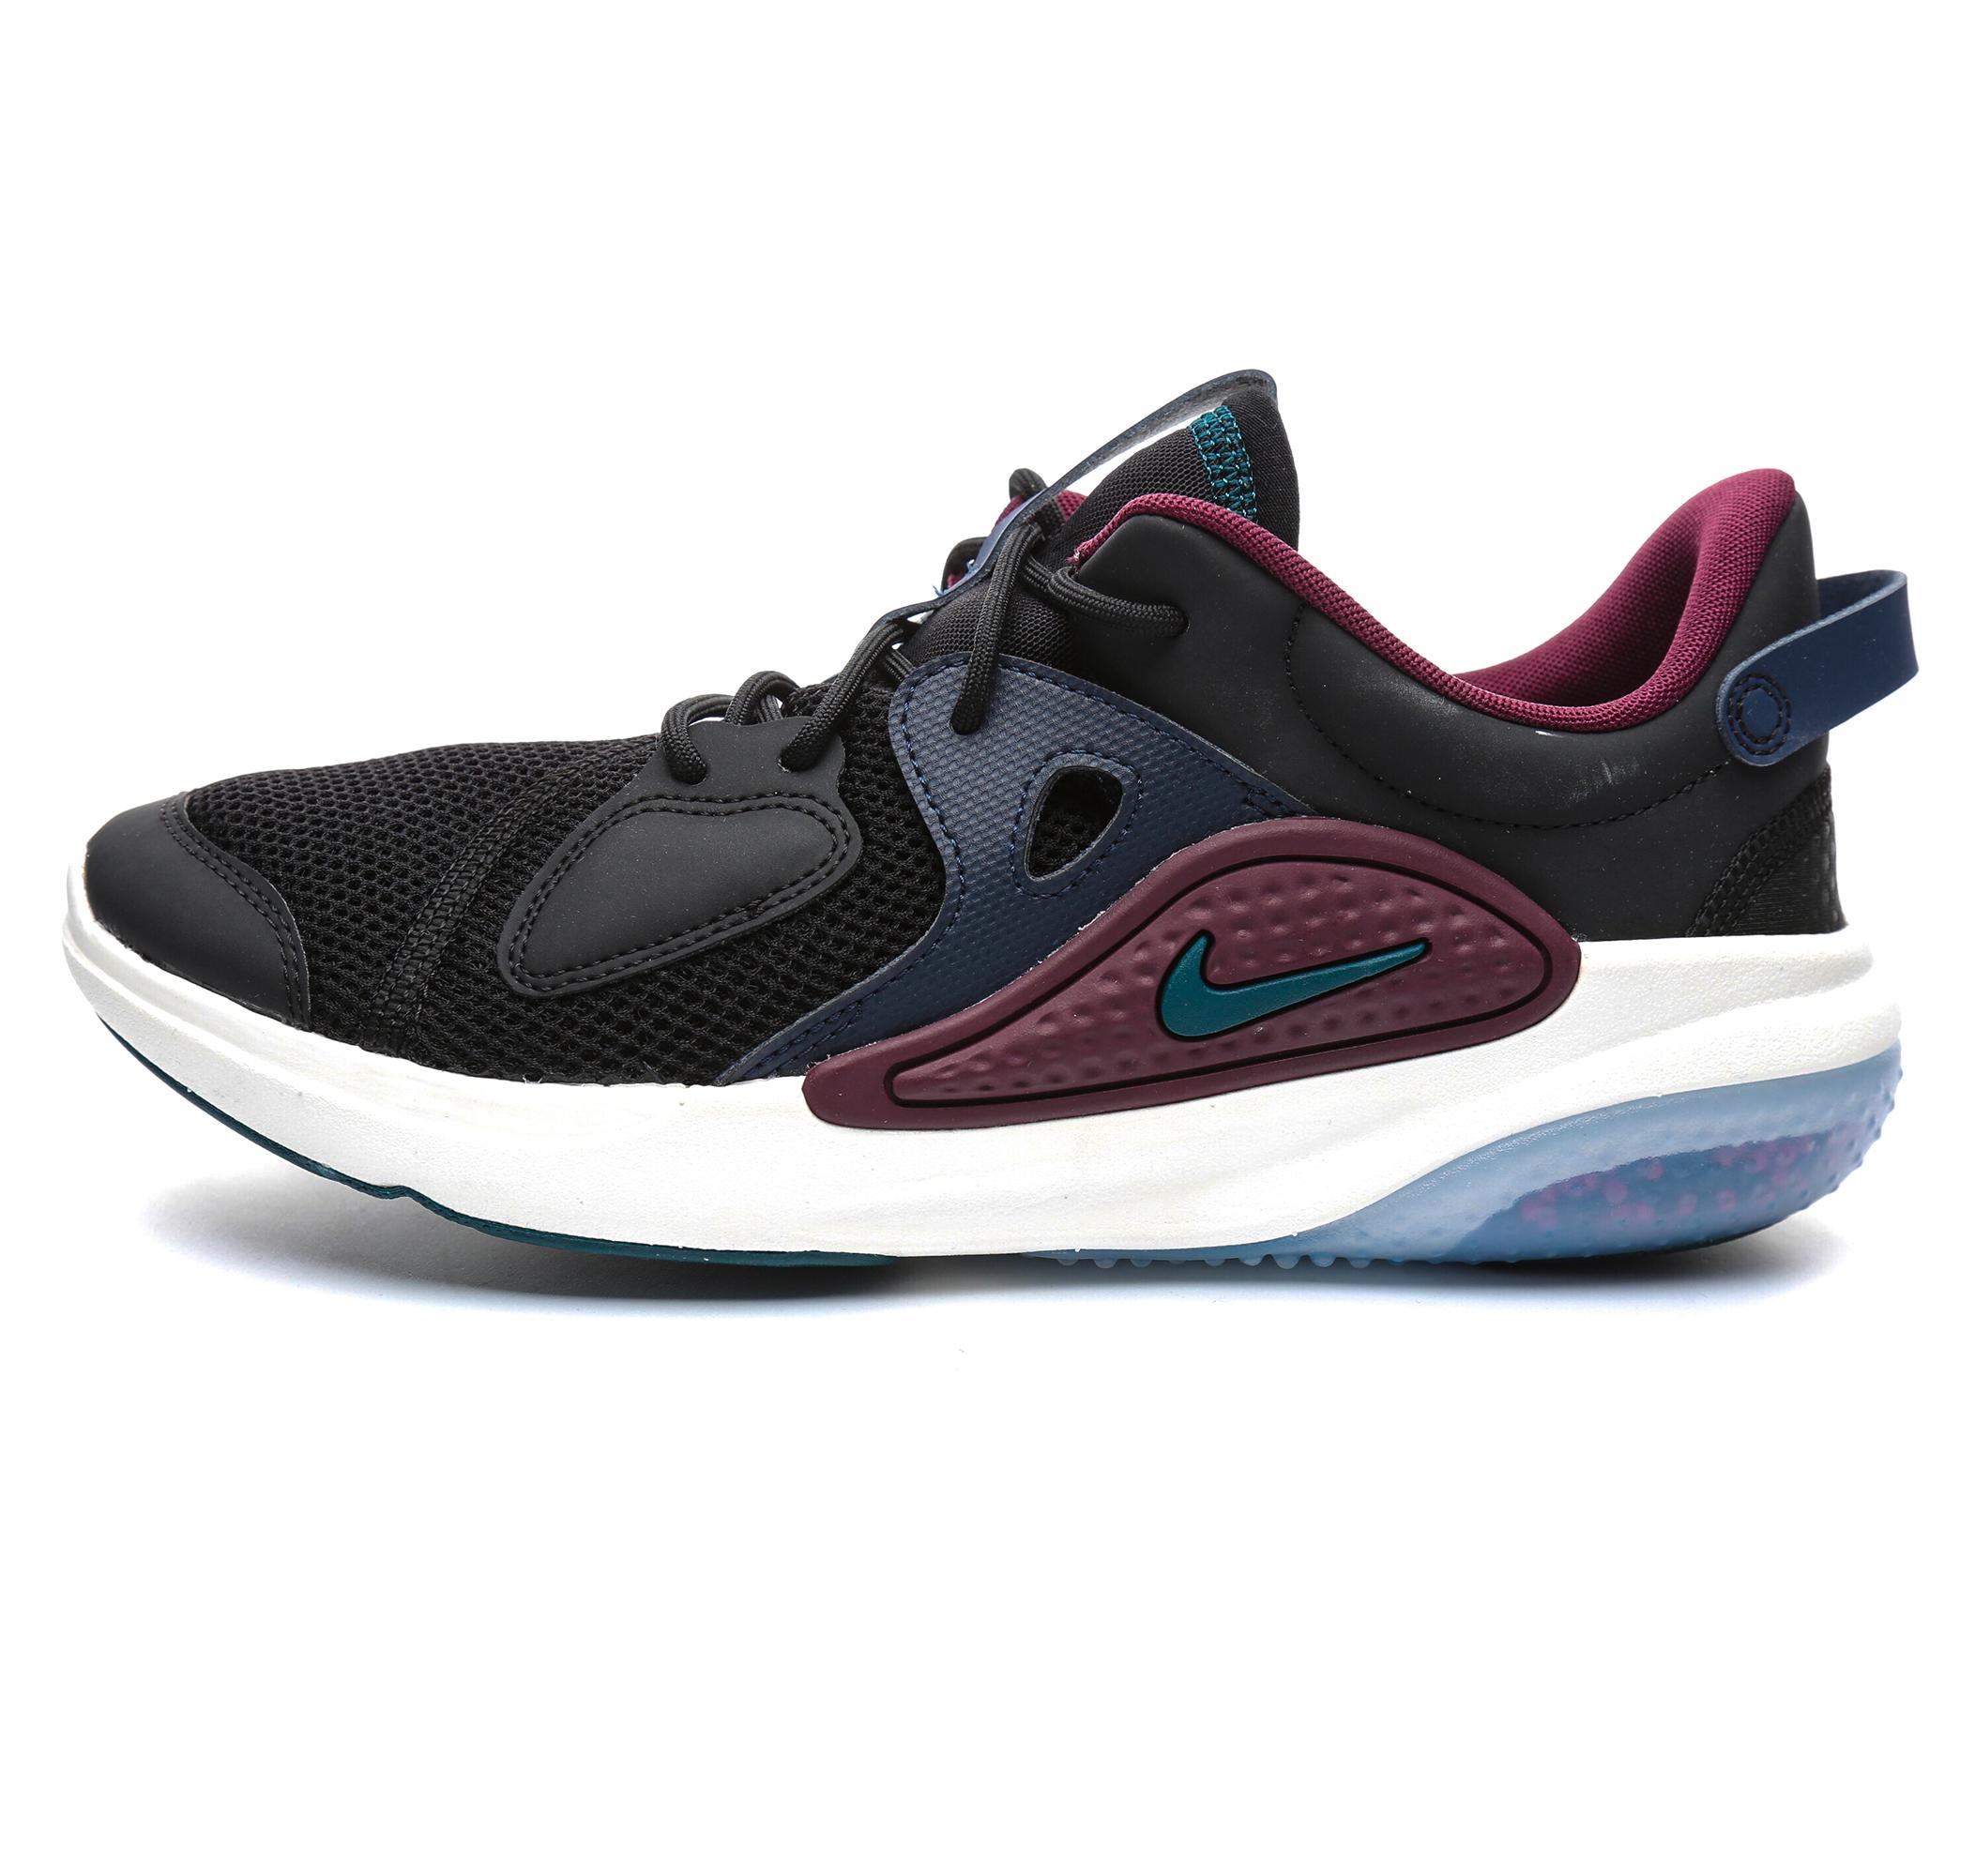 Joyrıde Cc Erkek Spor Ayakkabı